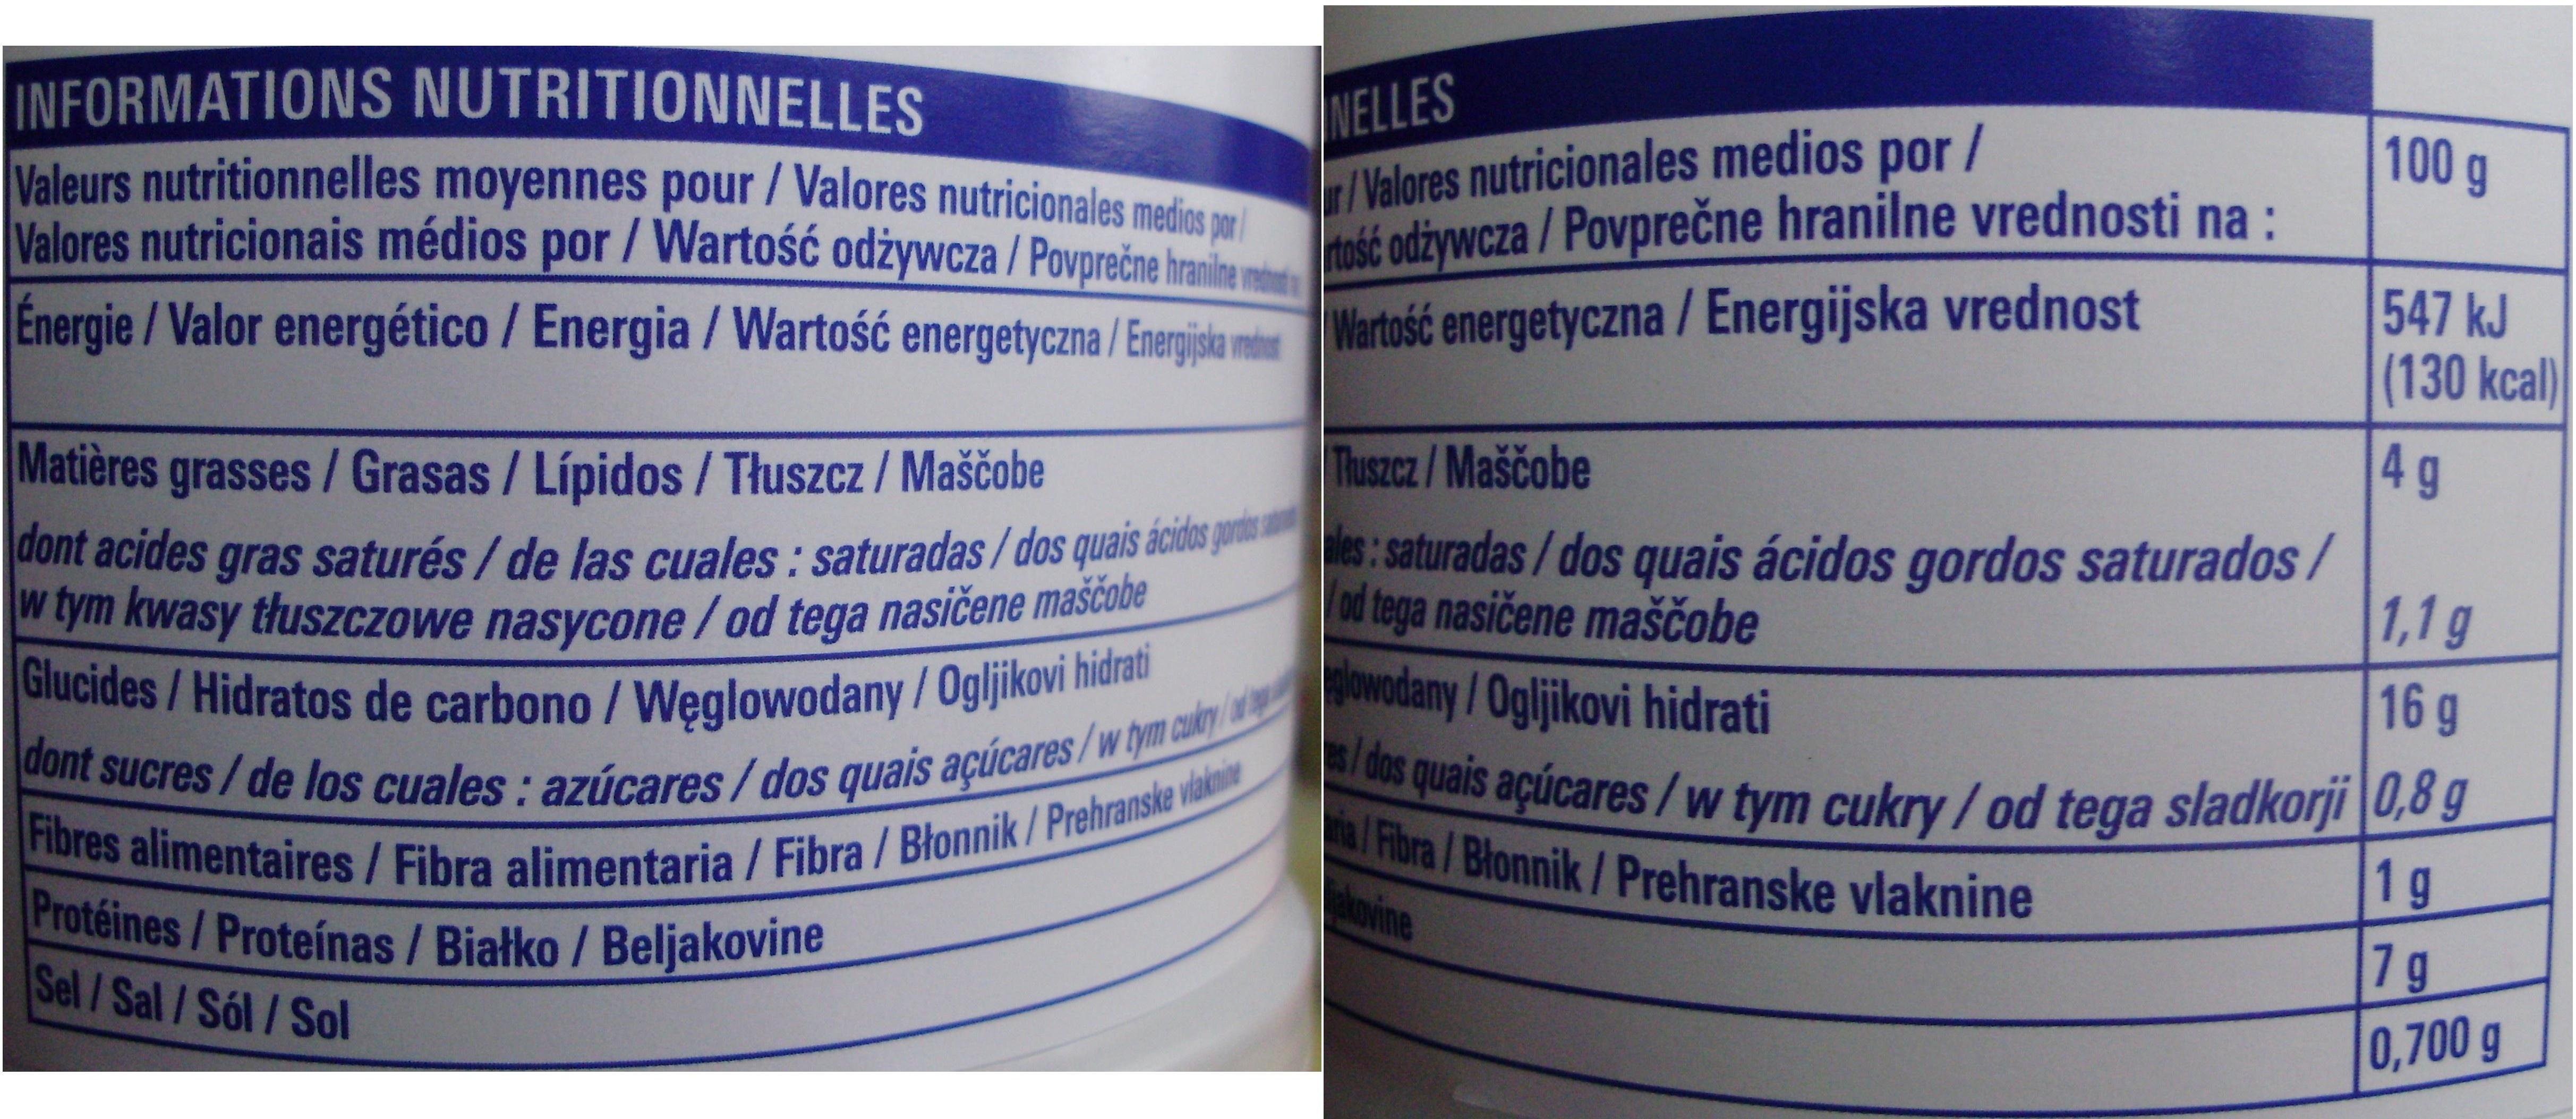 Paëlla (Volaille et Fruits de mer) ECO+ - Informations nutritionnelles